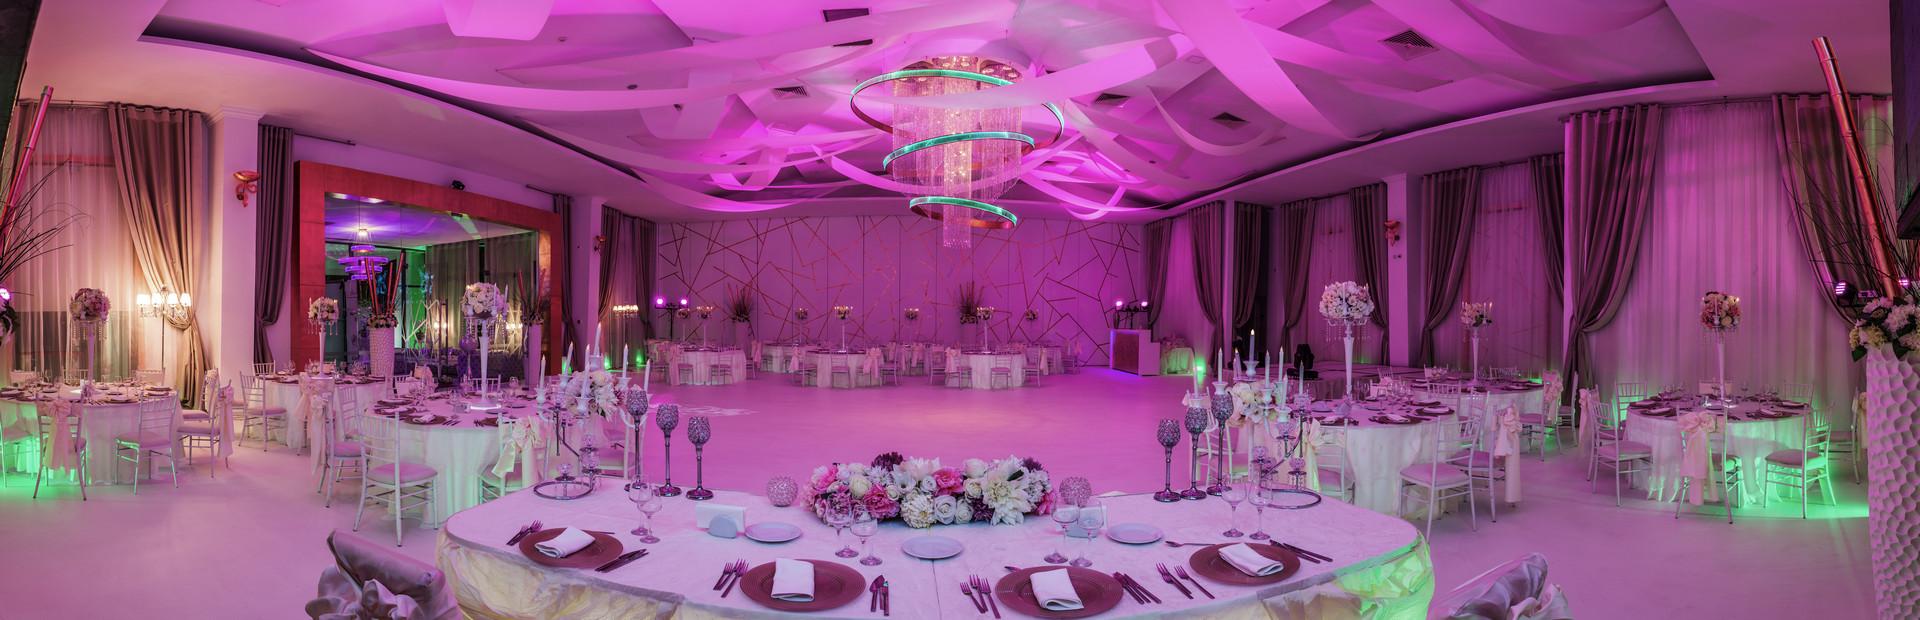 weddingnew1